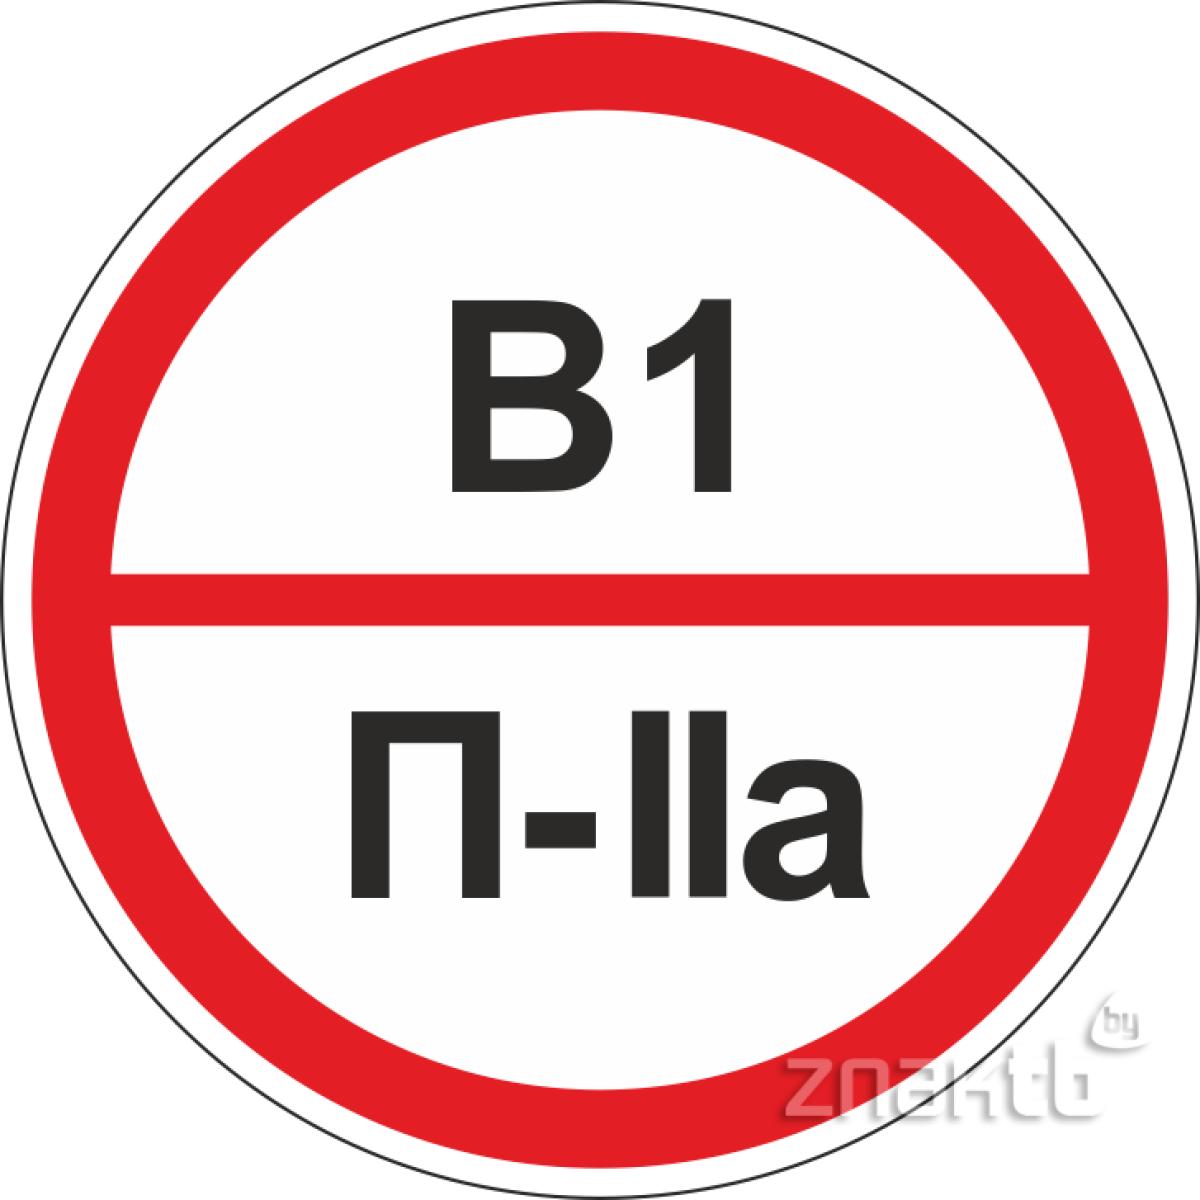 Знаки категорийности помещений В1/П2а